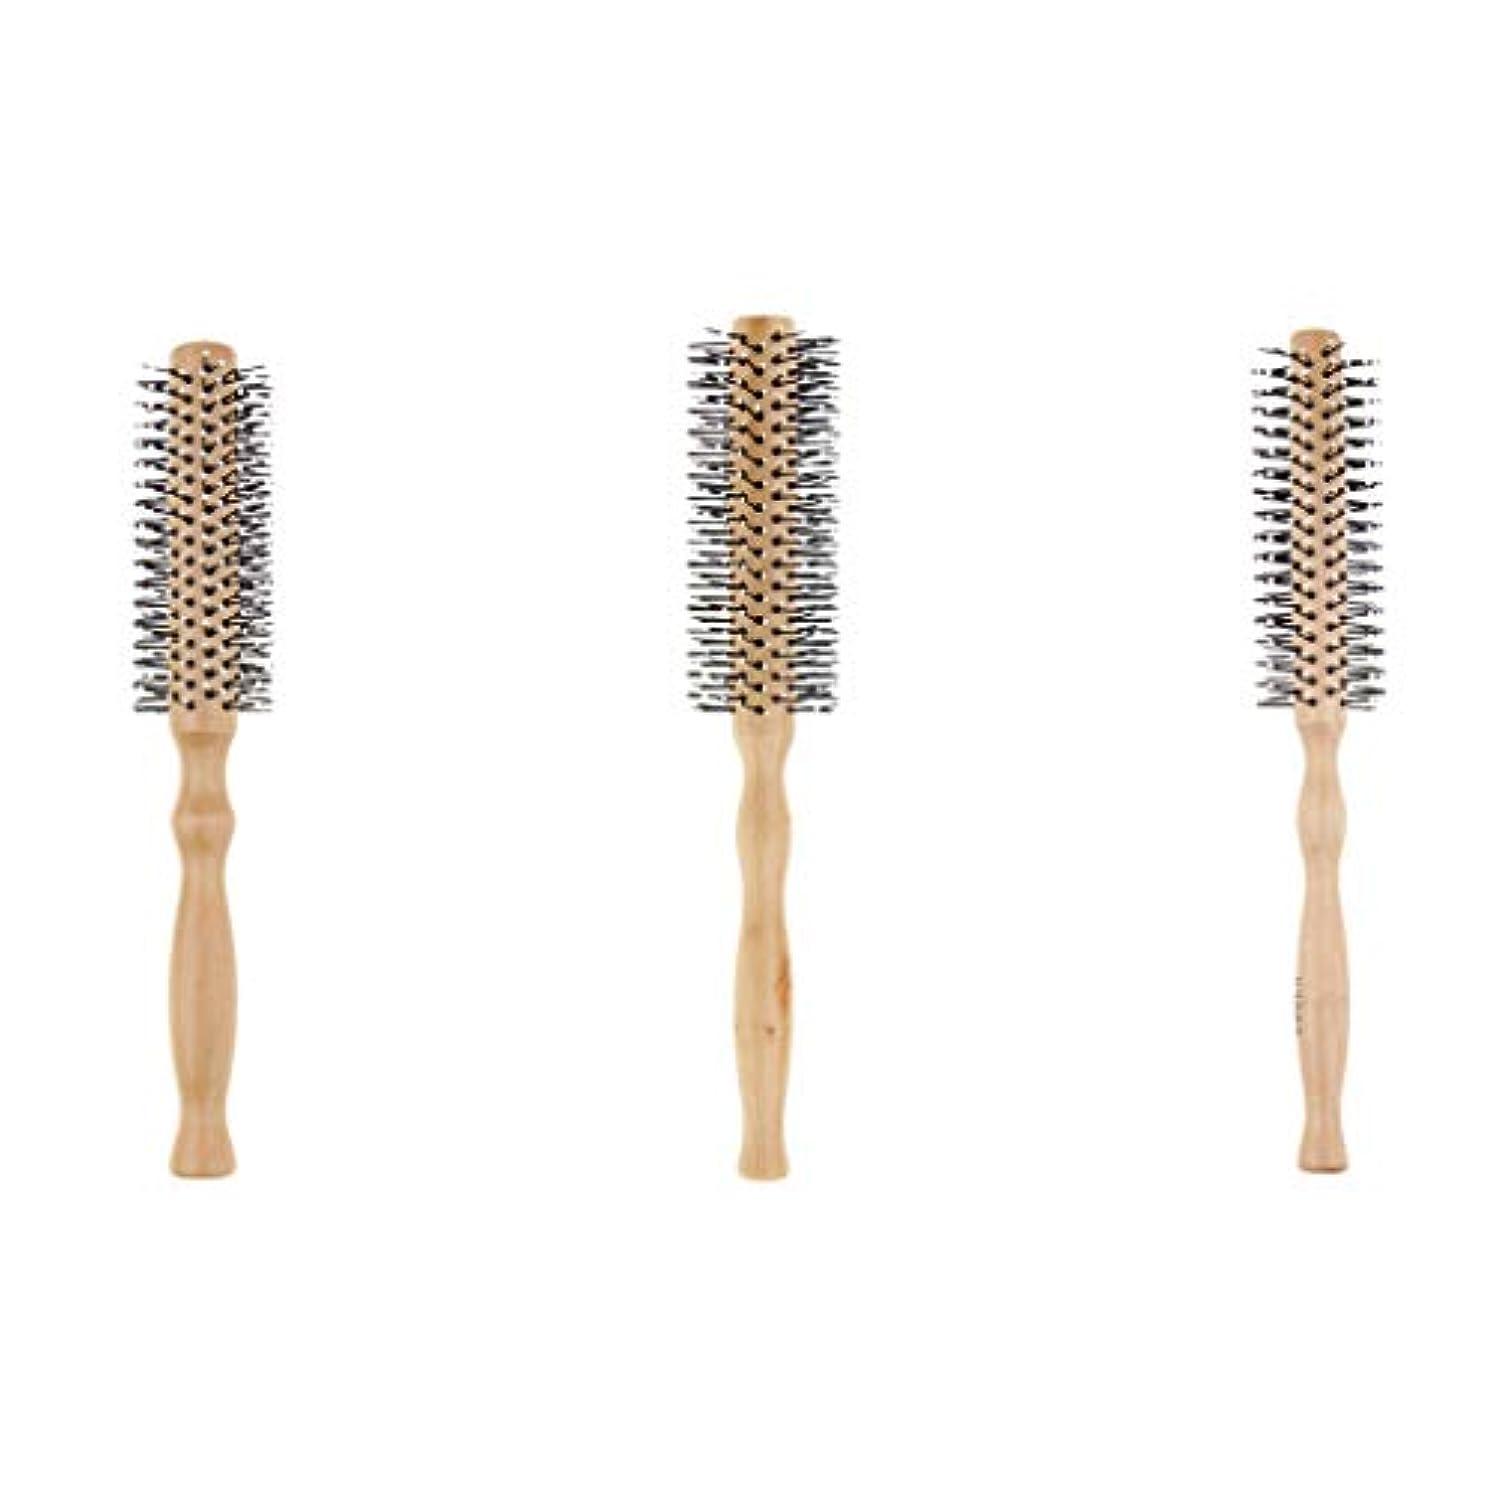 救出化粧大胆不敵SM SunniMix 3本セット ロールブラシ 巻き髪 ヘアブラシ 木製櫛 スタイリングブラシ